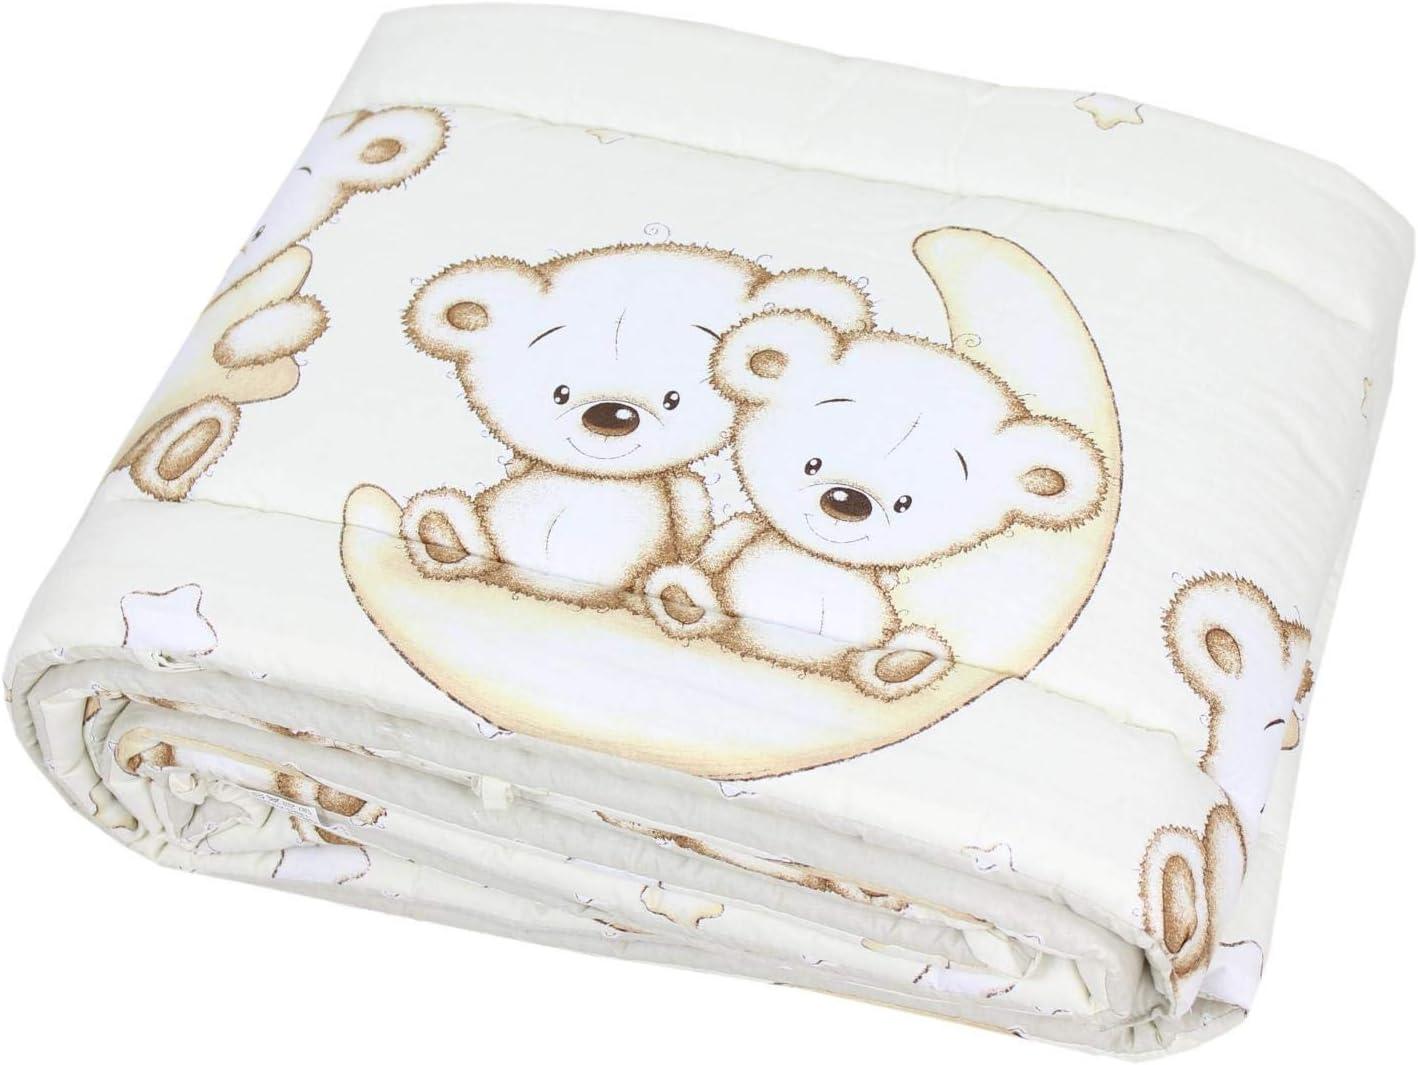 TupTam Baby Nestchen f/ür Babybett Gemustert Farbe: Gro/ße Wei/ße Tupfen//Grau Gr/ö/ße: 420x30cm f/ür Babybett 140x70